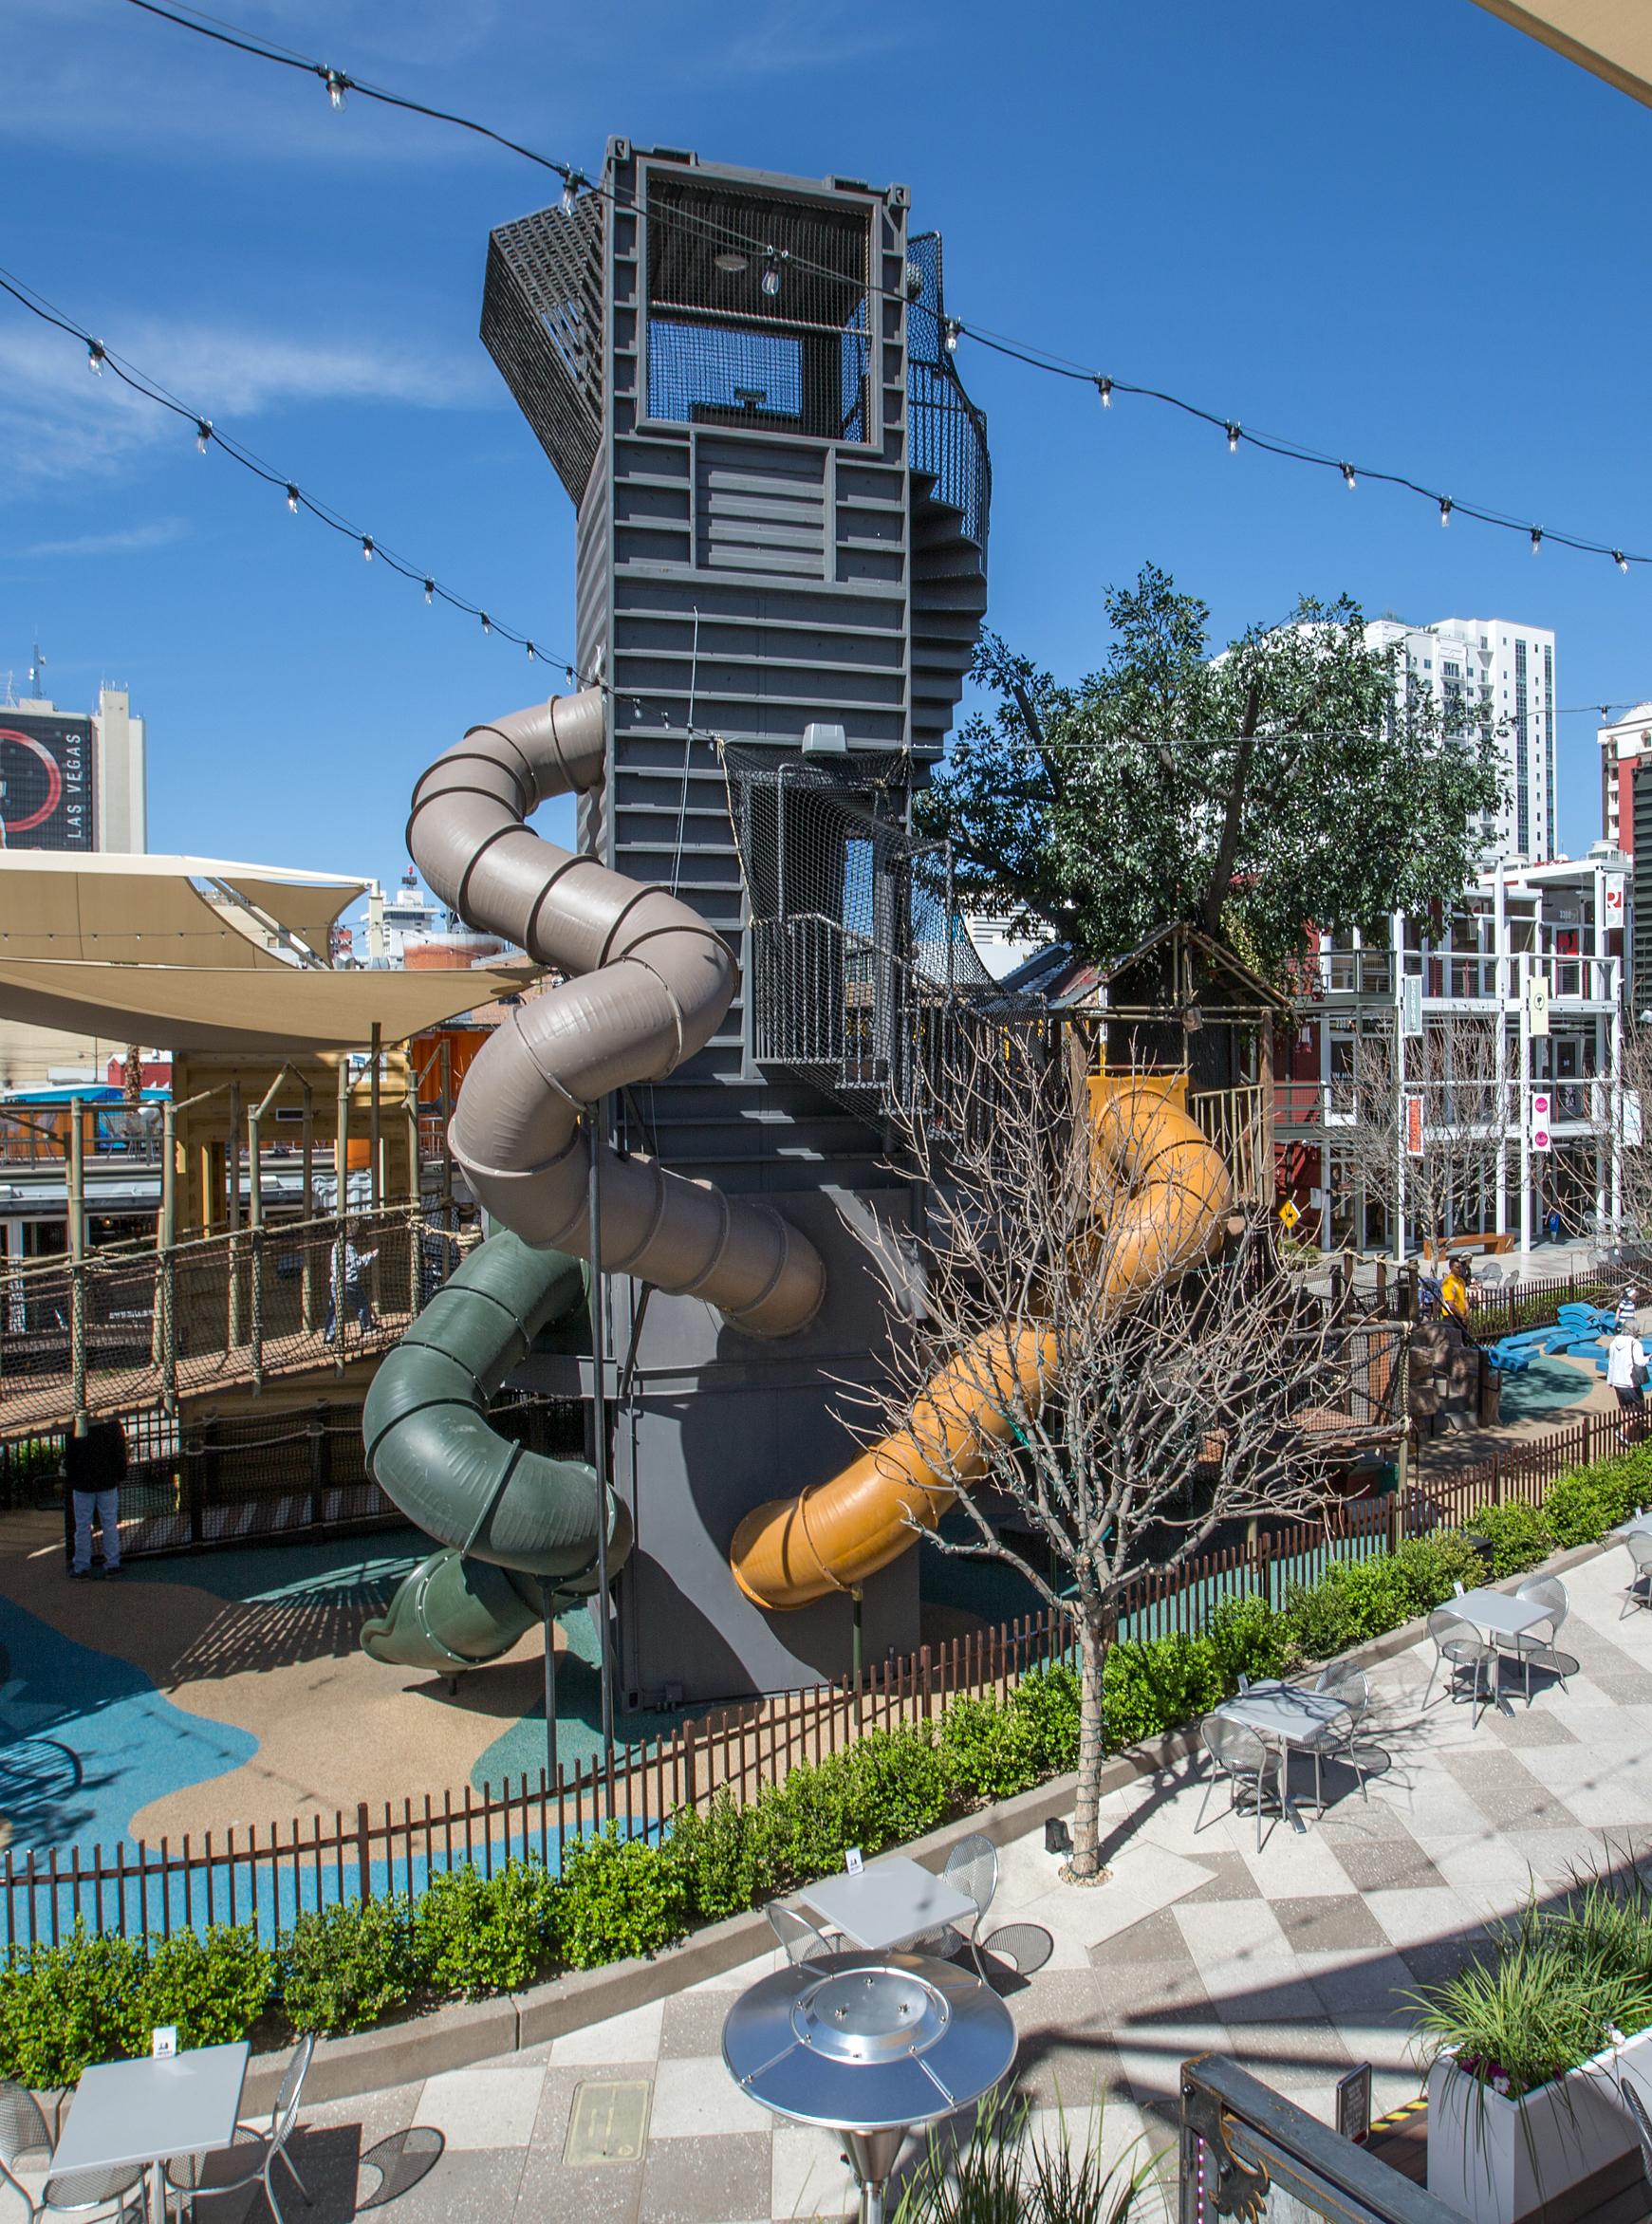 Treehouse playground Las Vegas